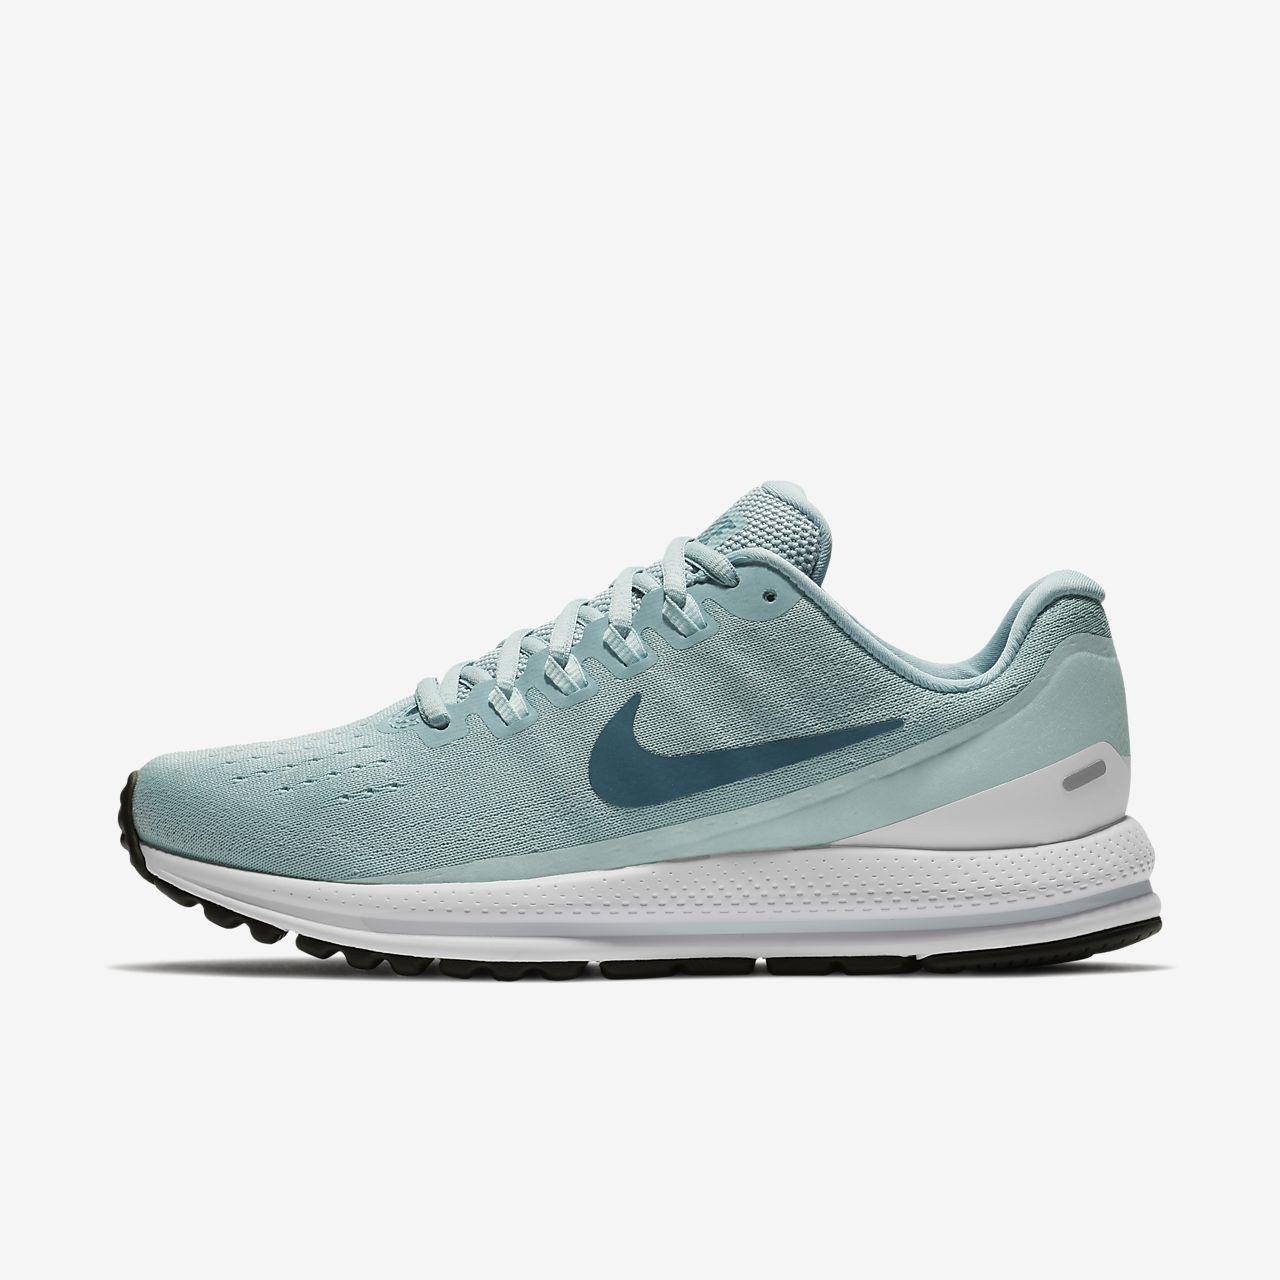 Nike Air Zoom Vomero 13 Women's Running CZ